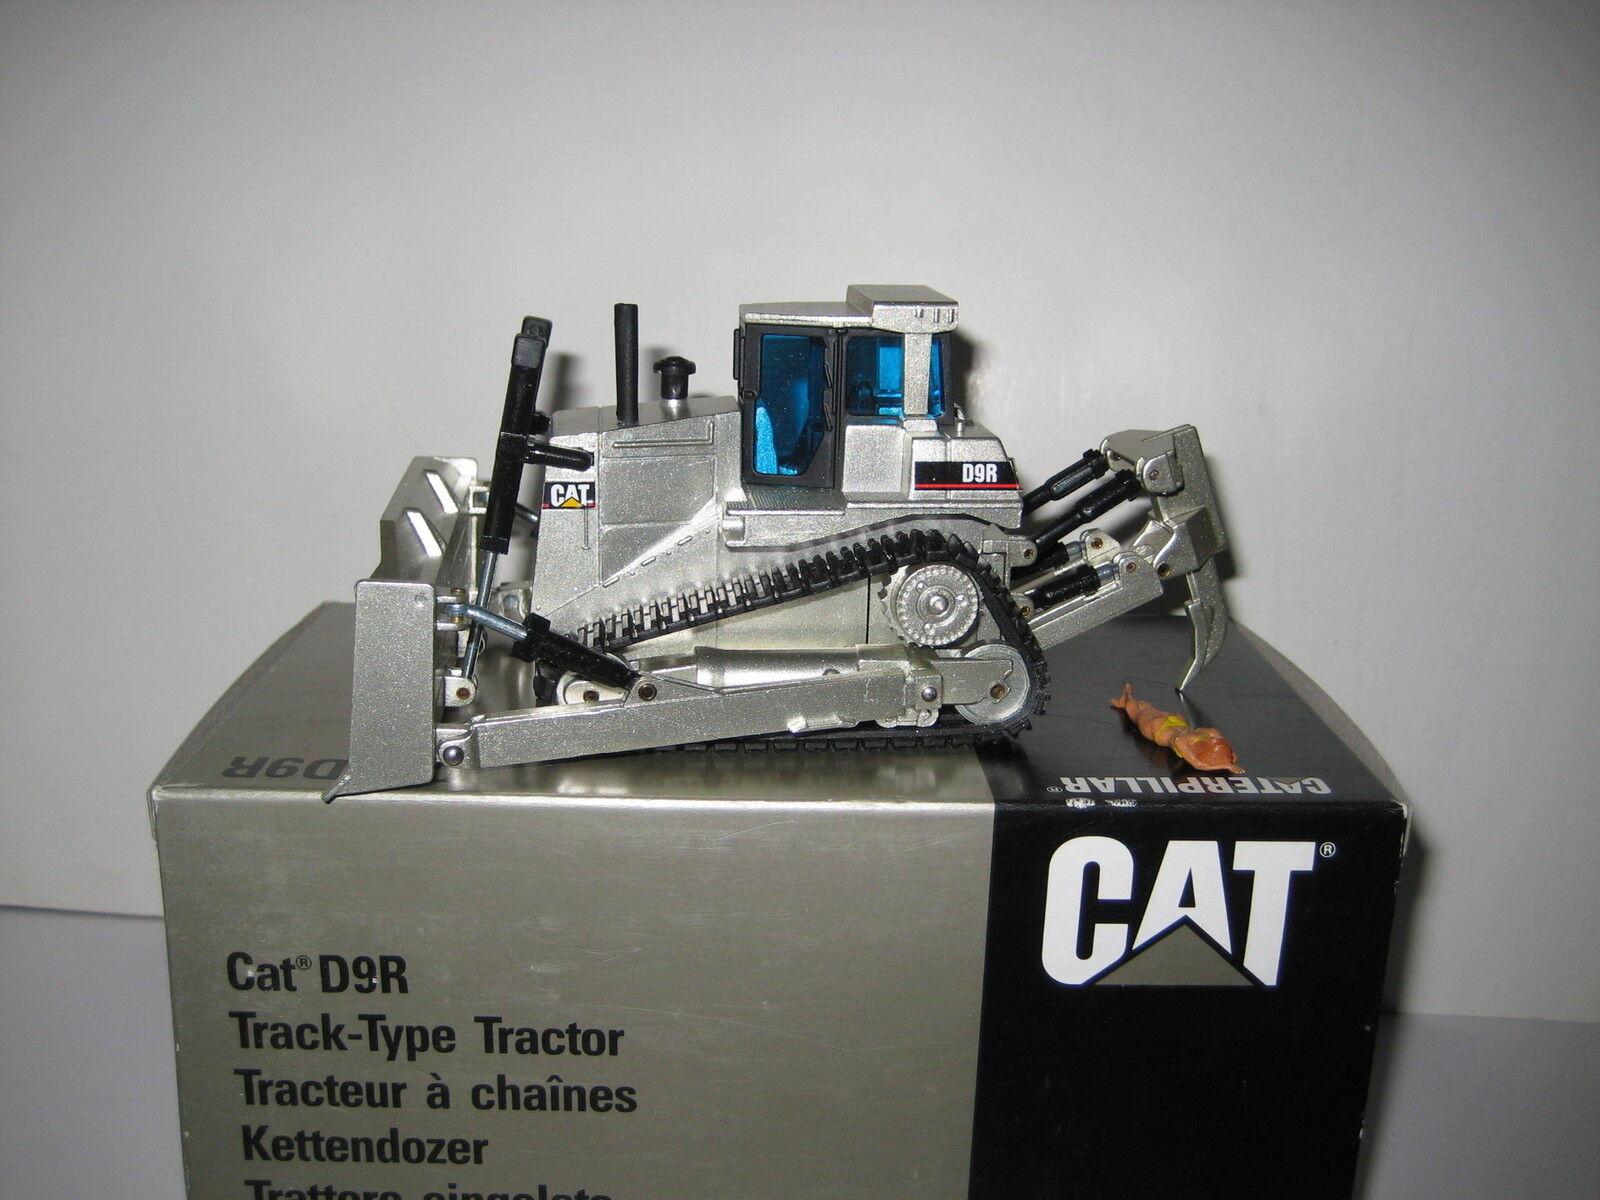 CATERPILLAR D 9 R Bouteur mattor  451 NZG 1 50 limitée